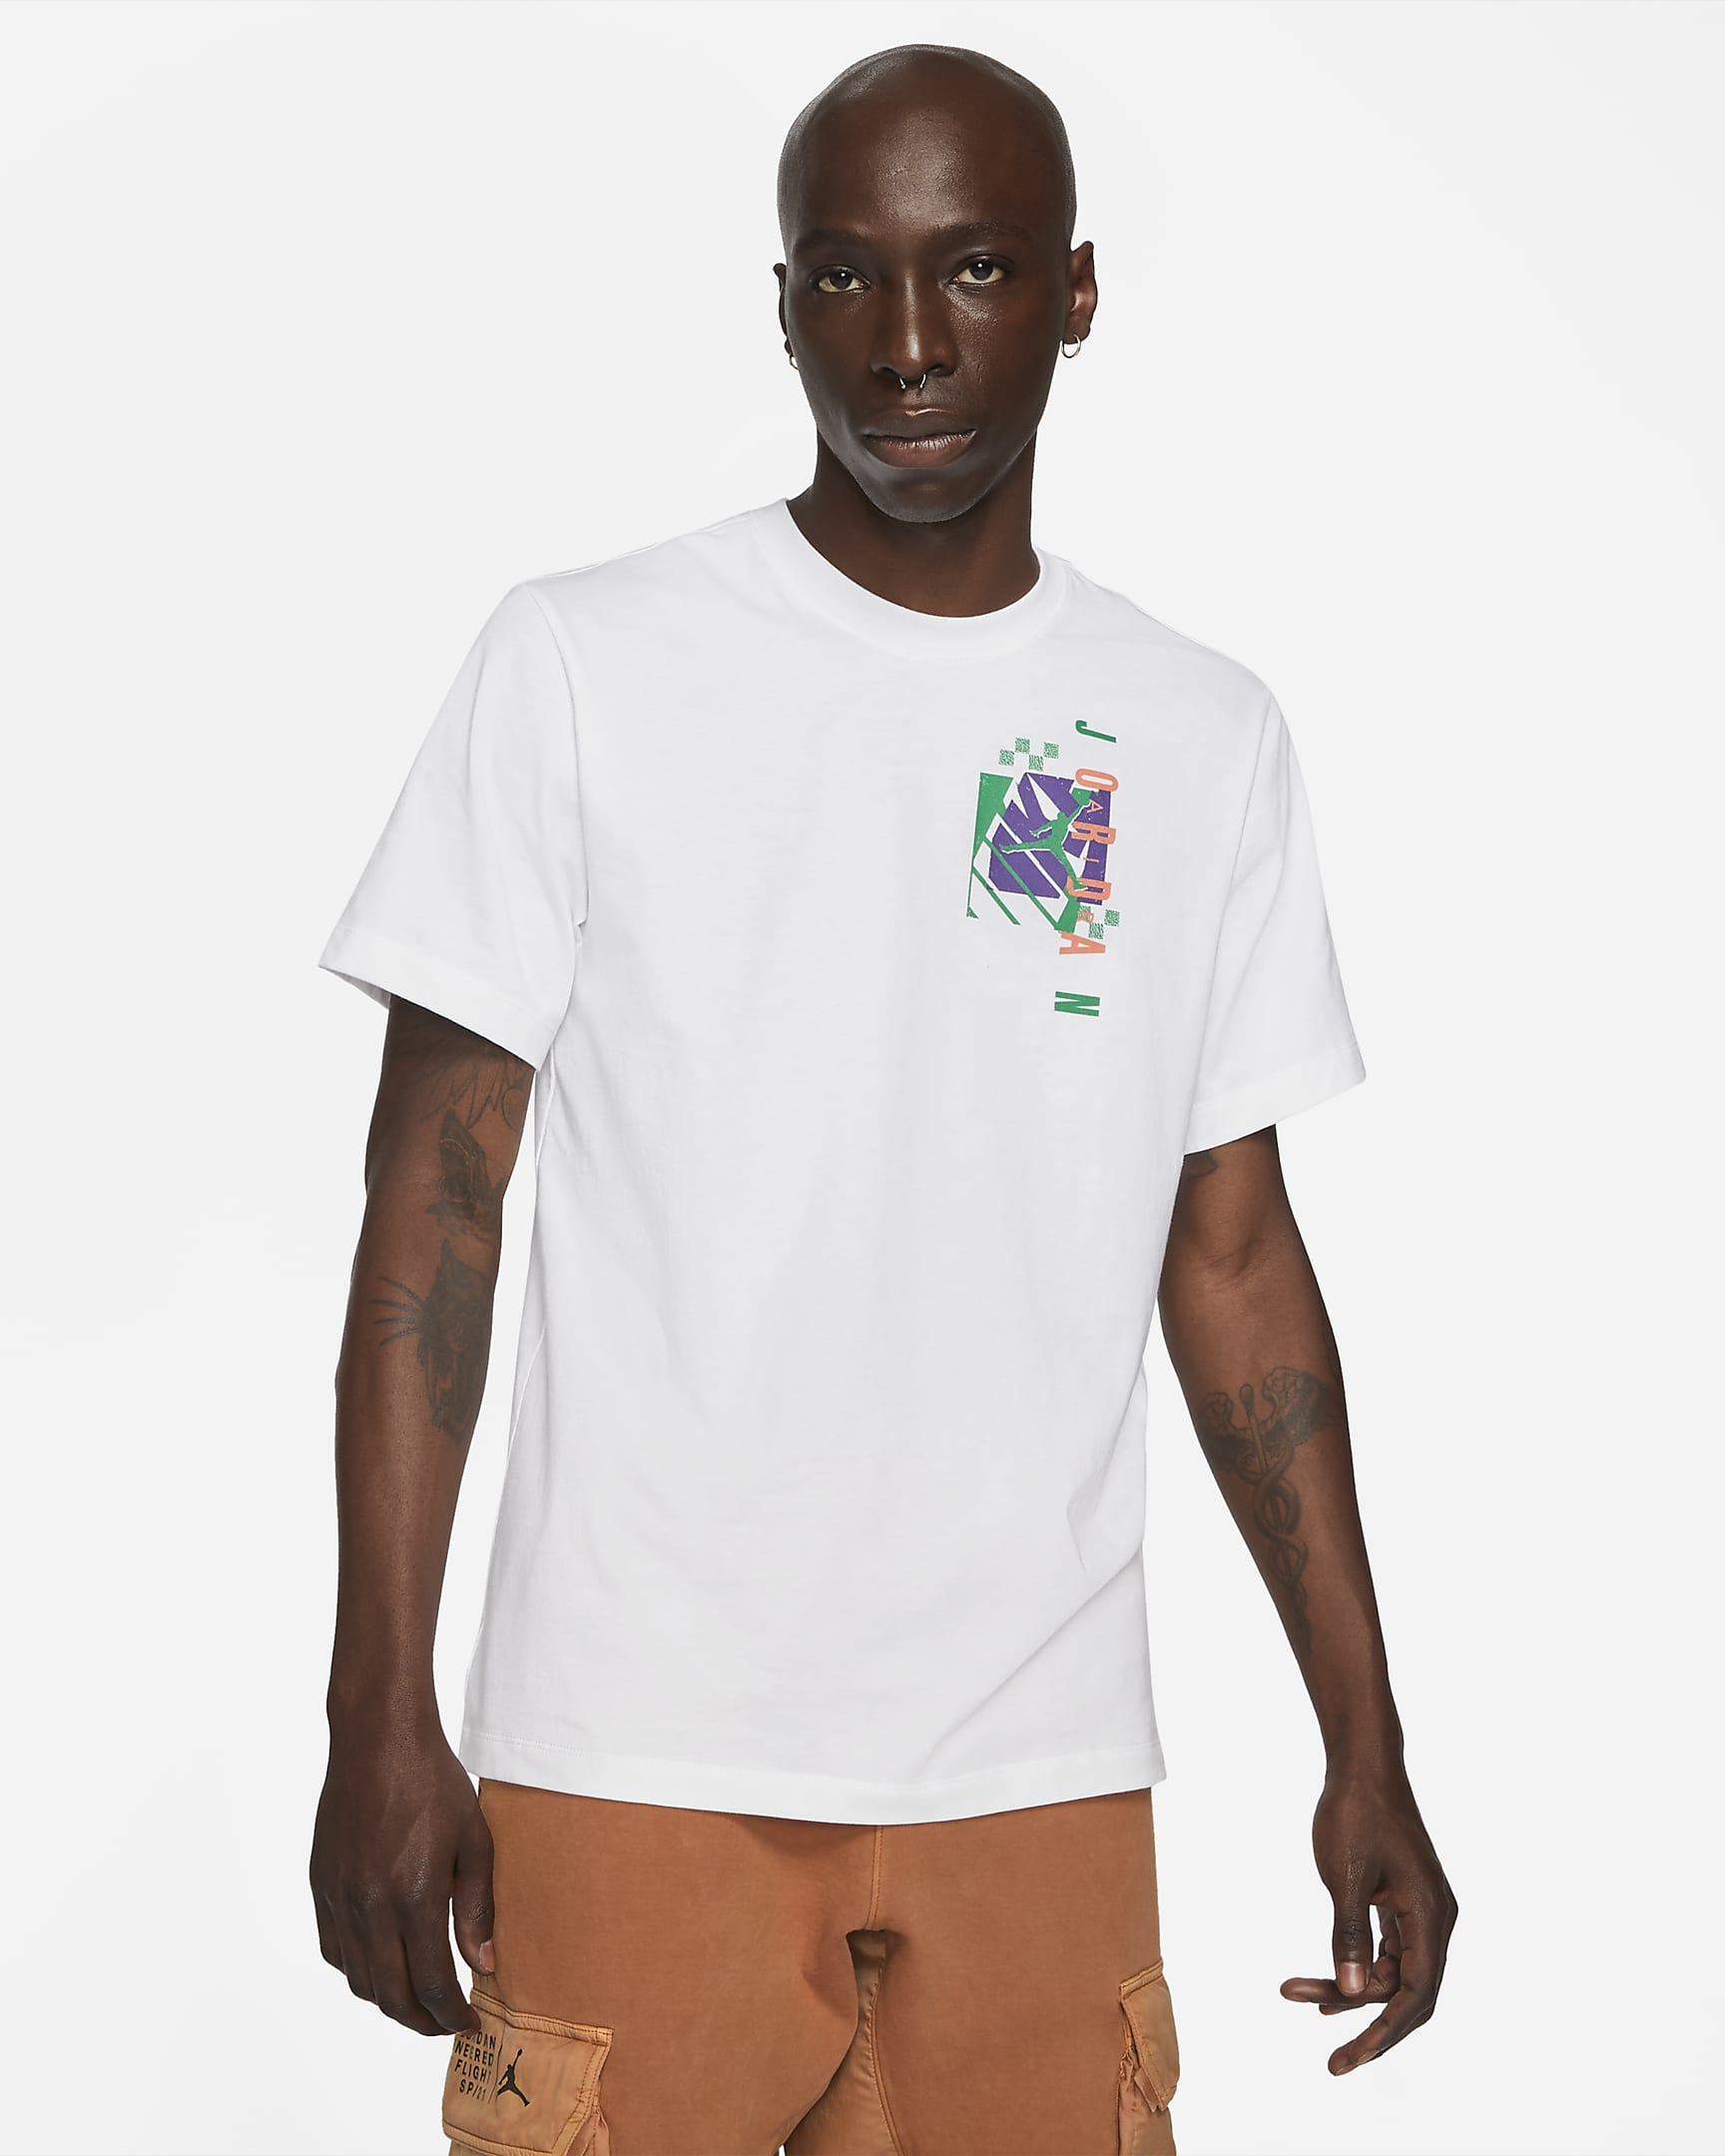 jordan-air-futura-mens-short-sleeve-t-shirt-5LkrBk.png